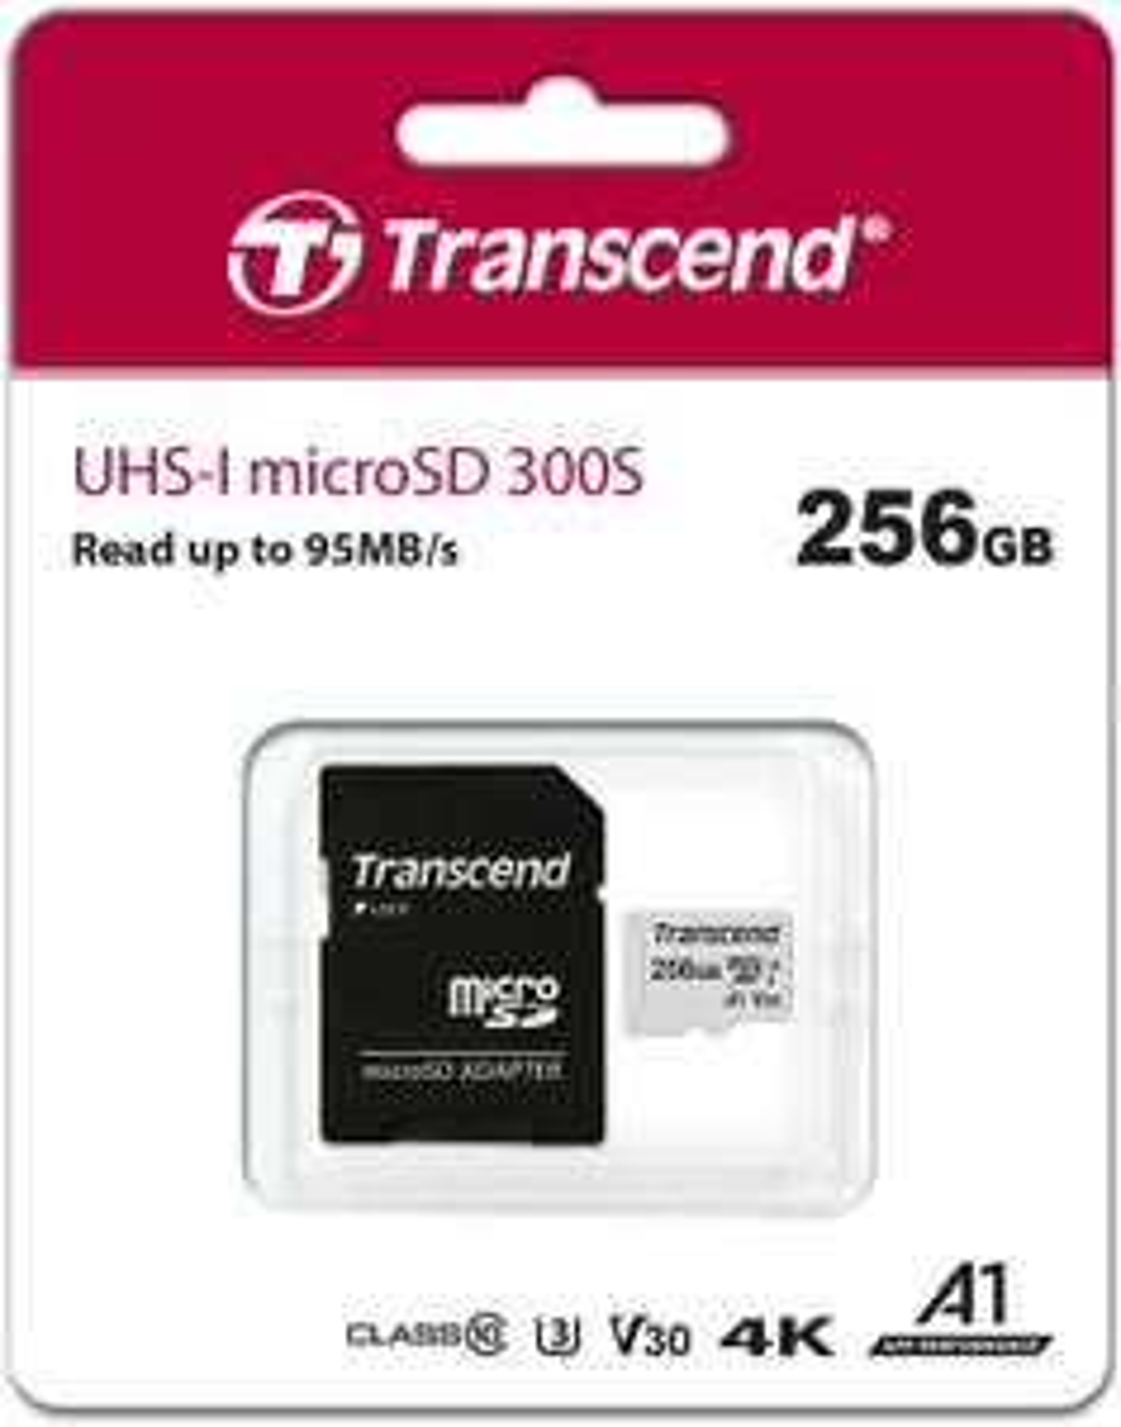 Amazon: Transcend TS256GUSD300S - Tarjeta de Memoria microSDXC/SDHC 300S 256 GB